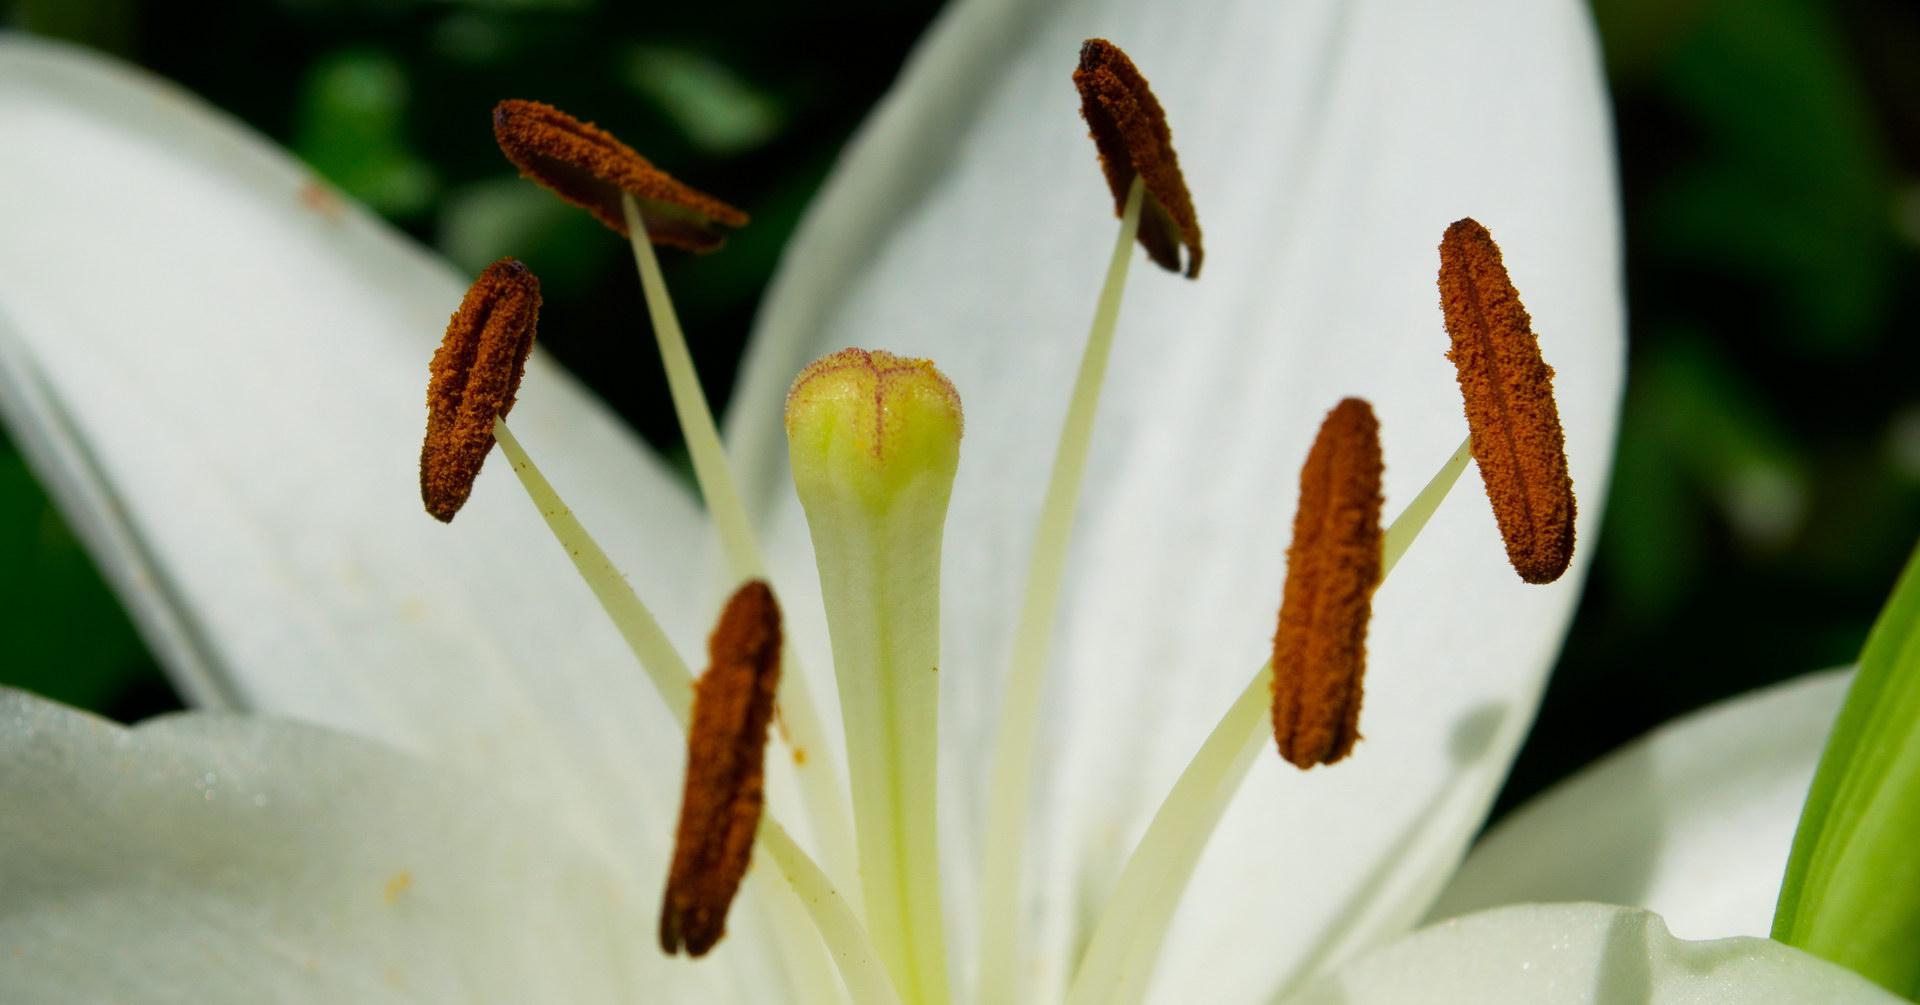 Weiße Lilie Detail Blüte Samen Bestäubt Griffel Narbe Staubbeutel Braun Staubblatt Staubfaden